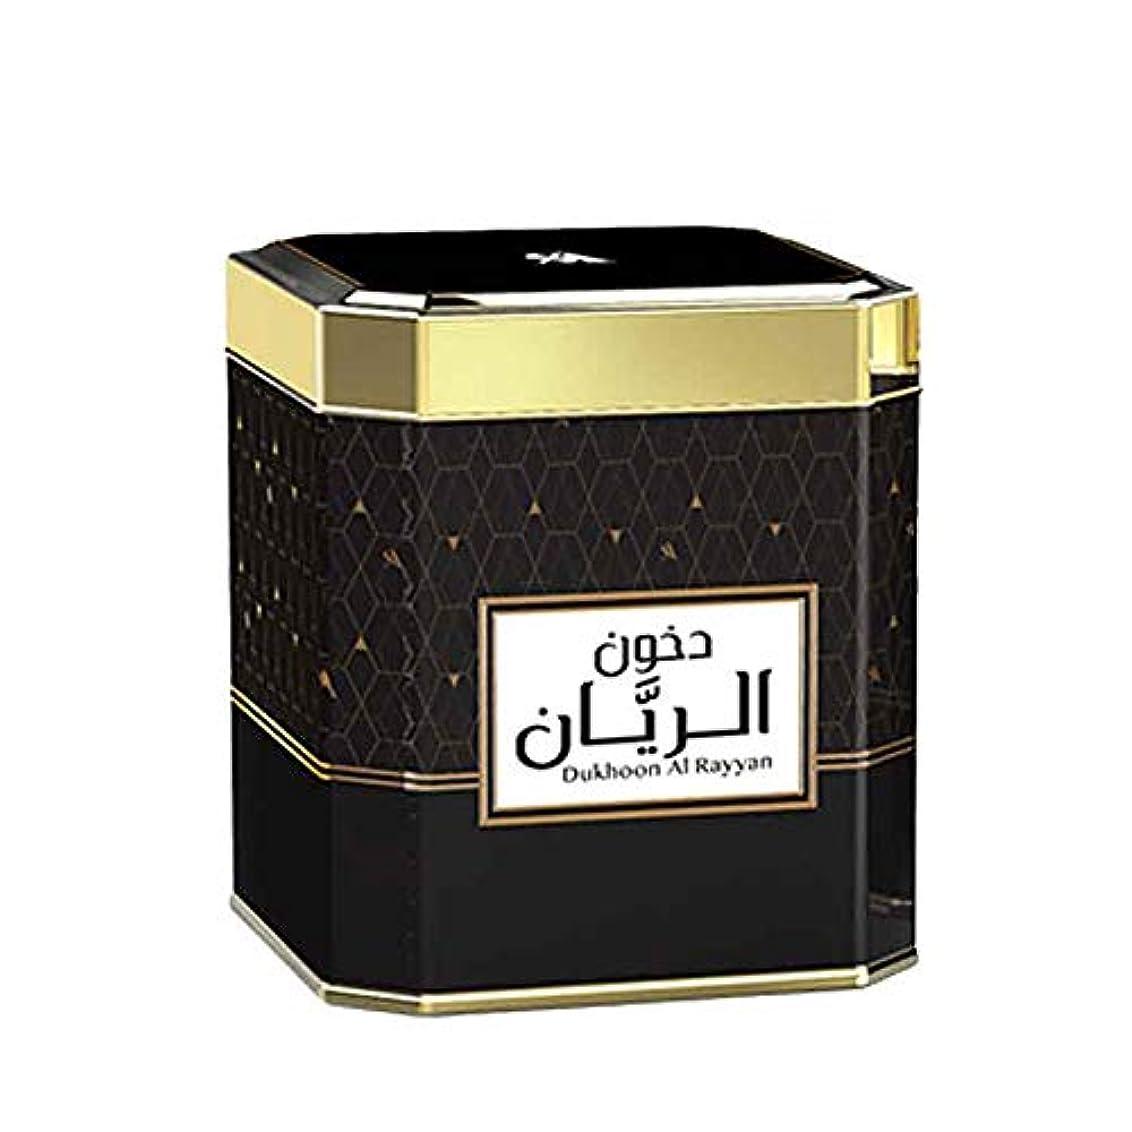 東ティモールスリップ未使用スイスアラビアのスイス製ダキタル レイヤン 125gm Bakhoor (お香)